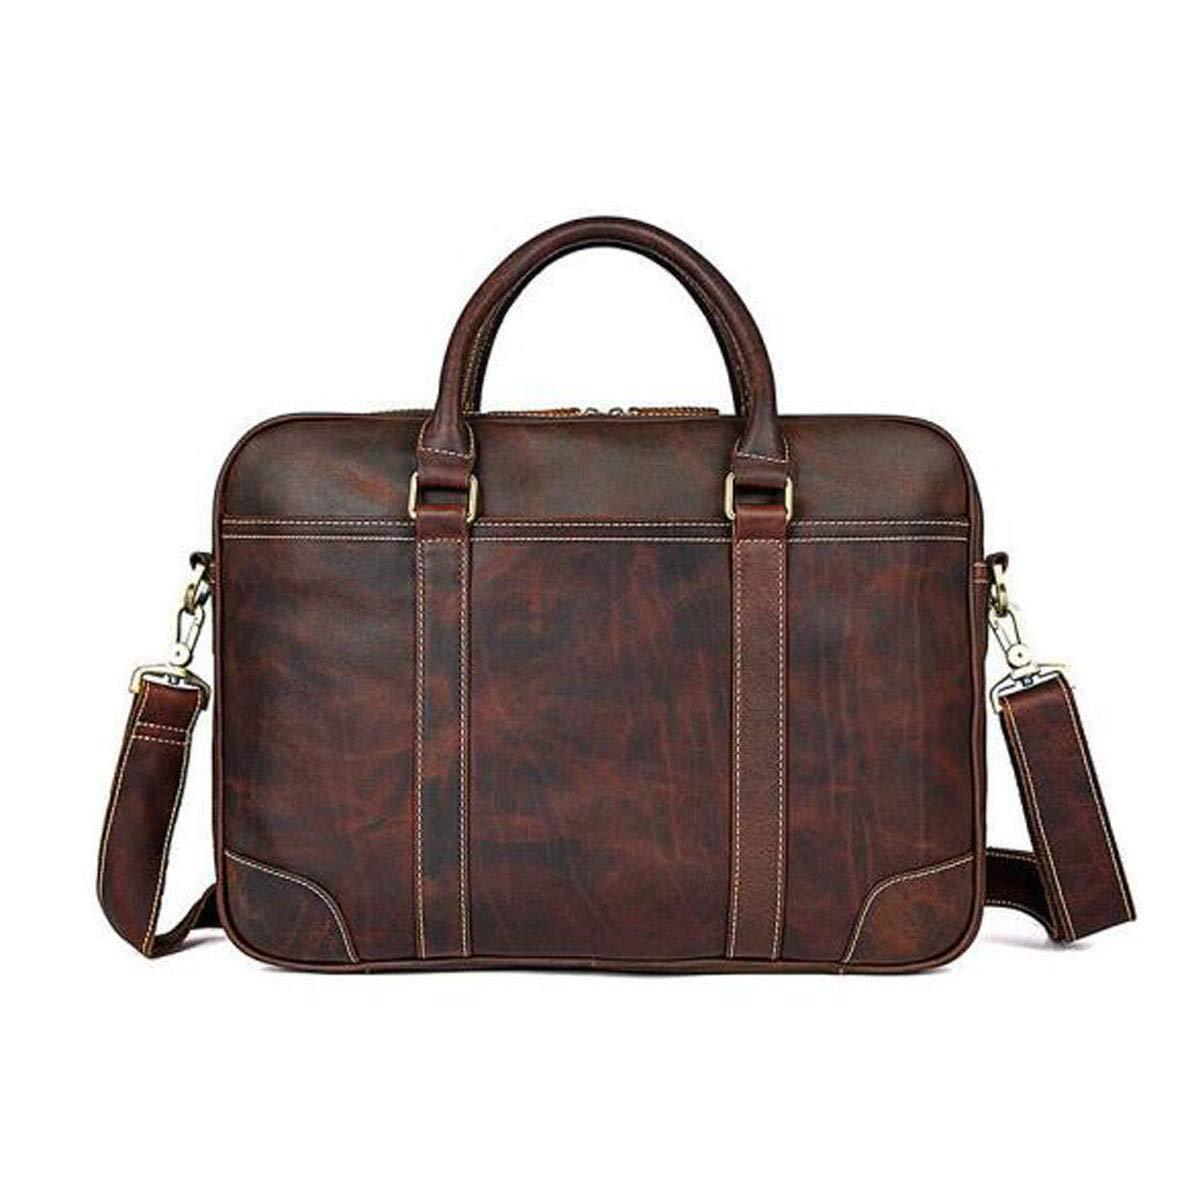 Hengxiang メッセンジャーバッグ、ラップトップブリーフケース、ビジネスレザー メンズメッセンジャーバッグ、15インチコンピューターバッグ、ビジネス弁護士バッグ、ブラウンサイズ:42729cm ビジネスオフィスメッセンジャーバッグ(色:チョコレート)   B07PCQP2Q8